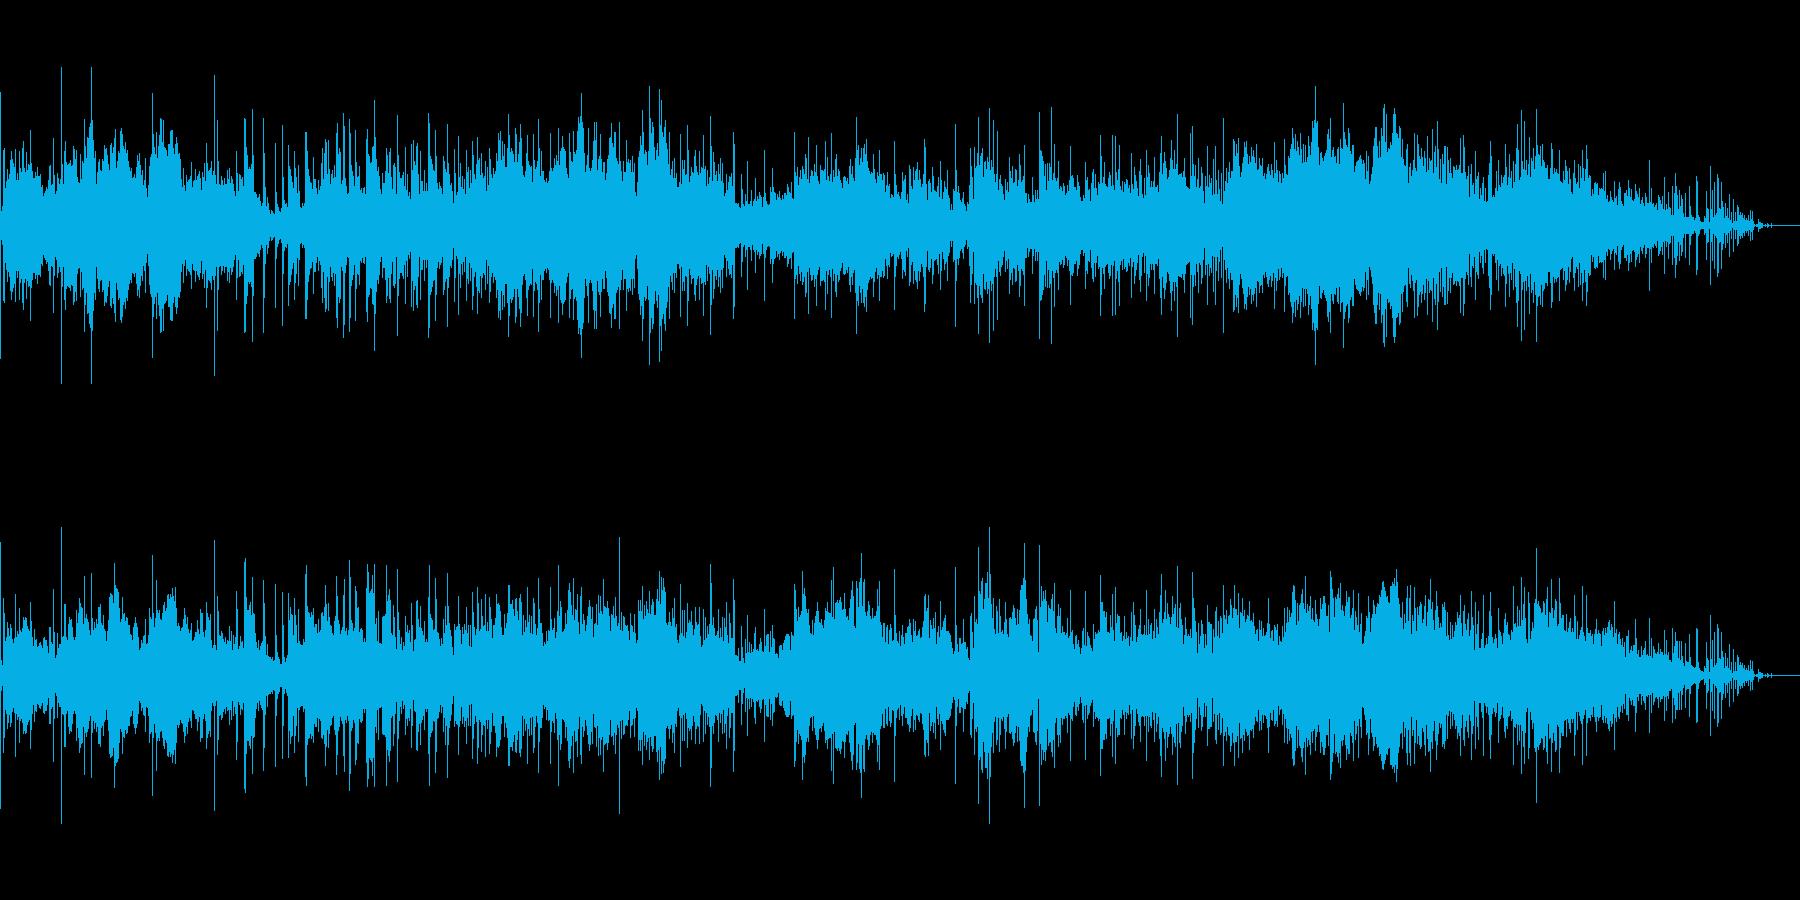 静かに迫るアンビエントなサウンドスケープの再生済みの波形